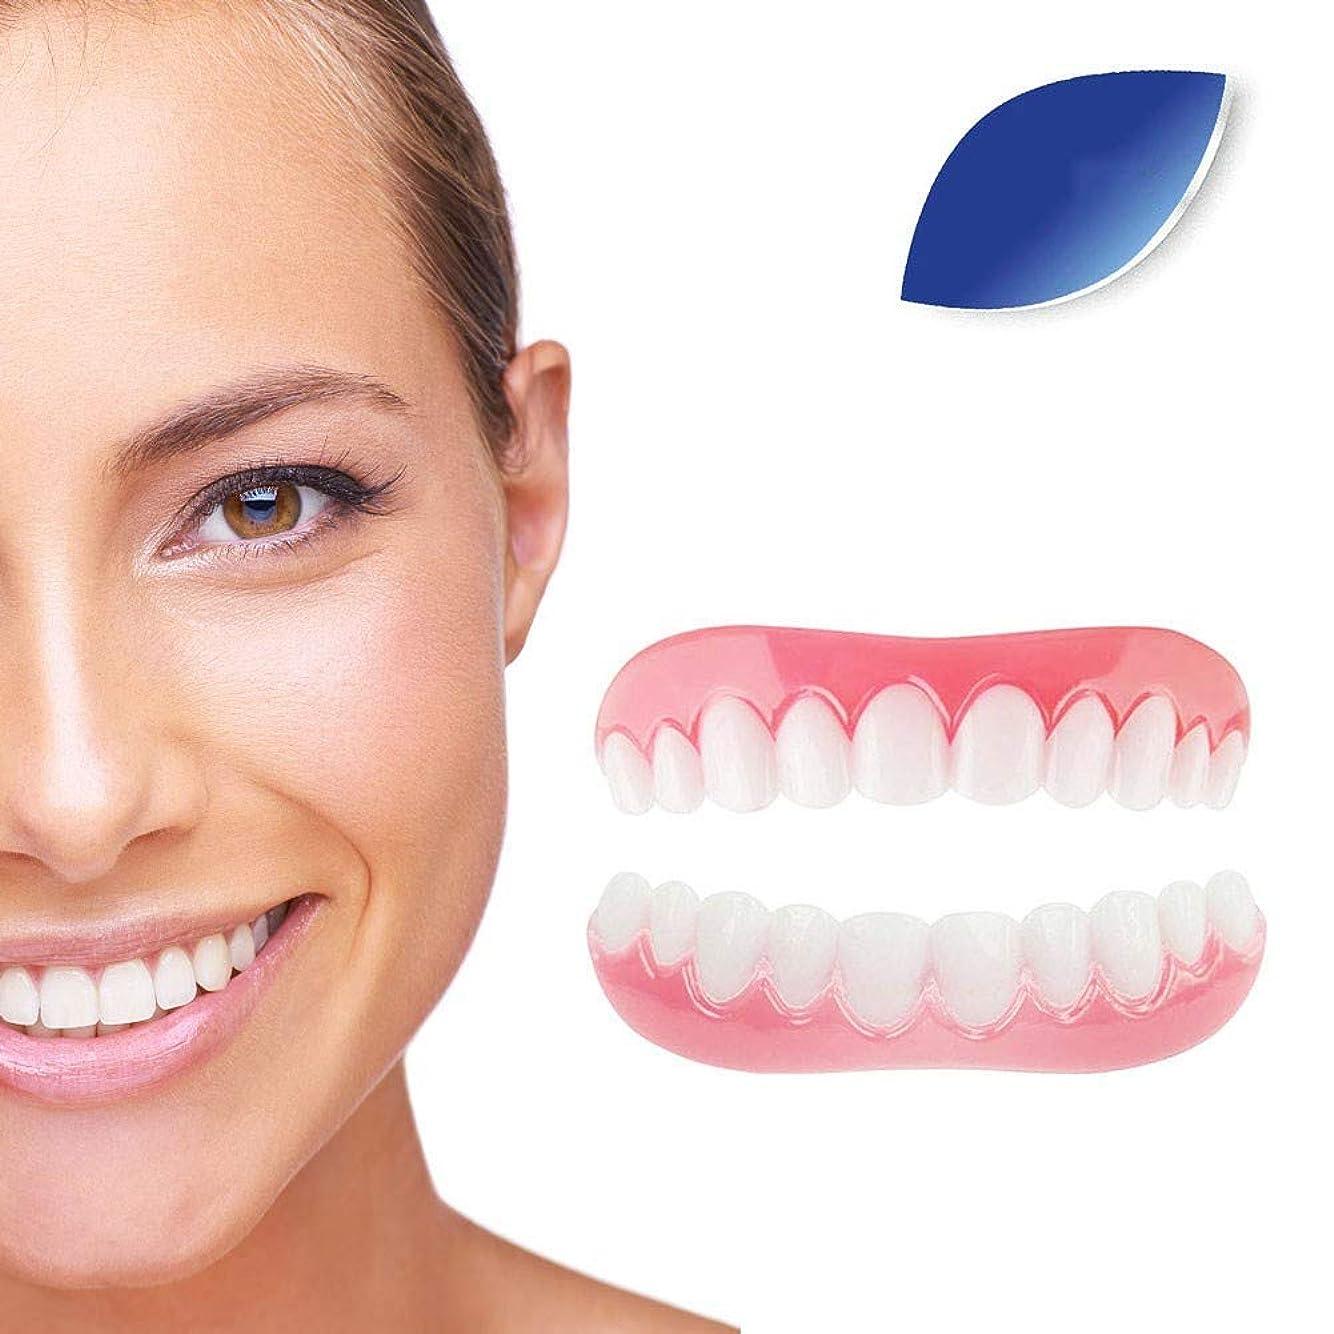 修正するパン屋マングル歯ブレース化粧品ホワイトニング偽の歯模擬義歯上と下悪い変身自信を持って笑顔ボックスと上下の歯セット,7Pairs